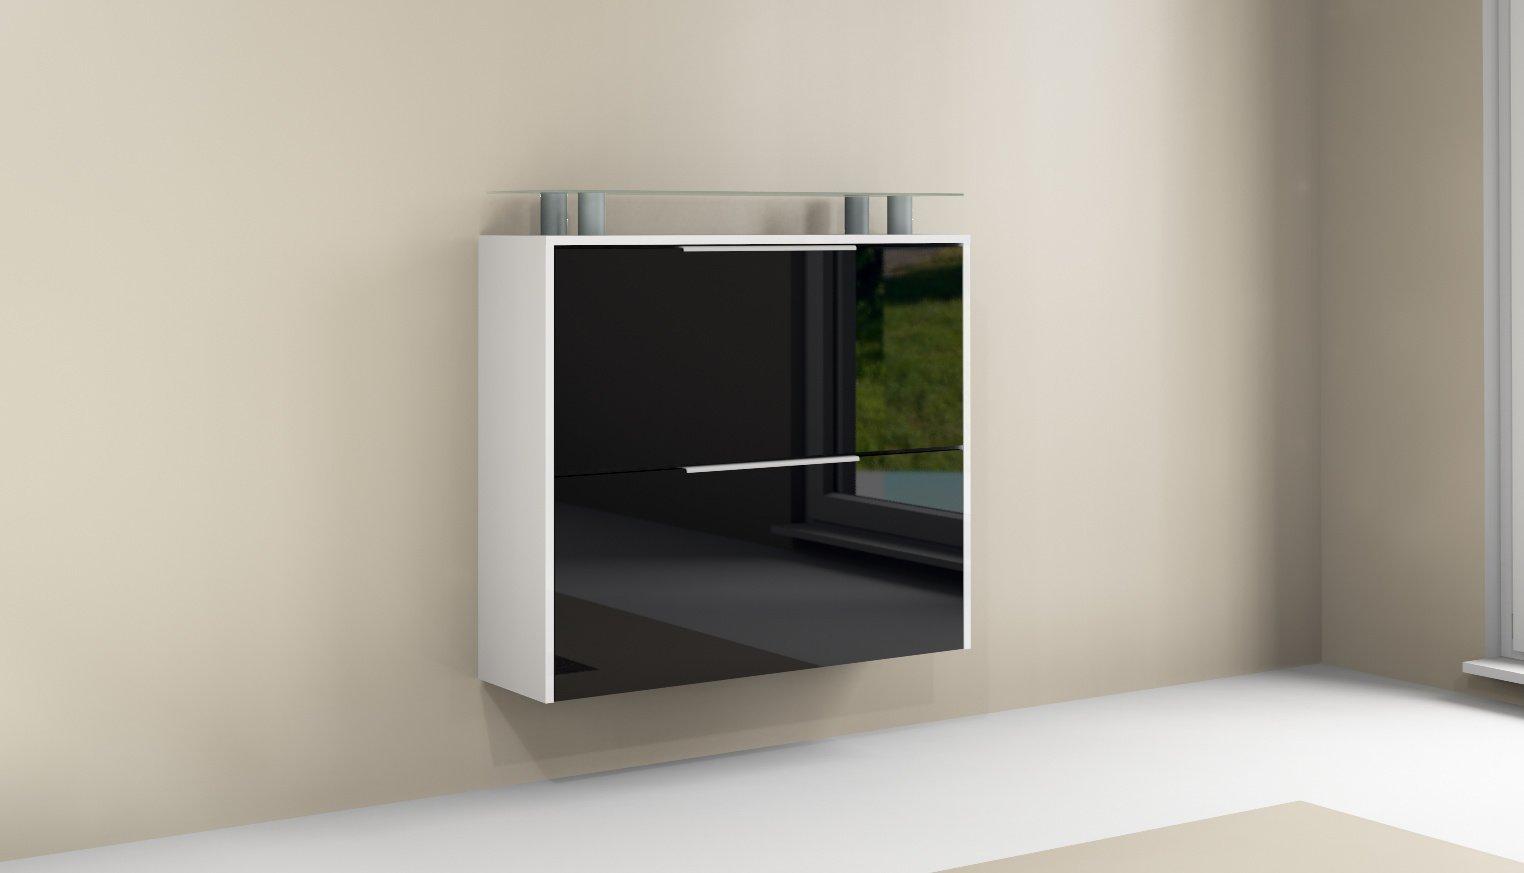 rena 2 schuhschrank schuhkipper flur diele schrank wei hochglanz matt glas ebay. Black Bedroom Furniture Sets. Home Design Ideas